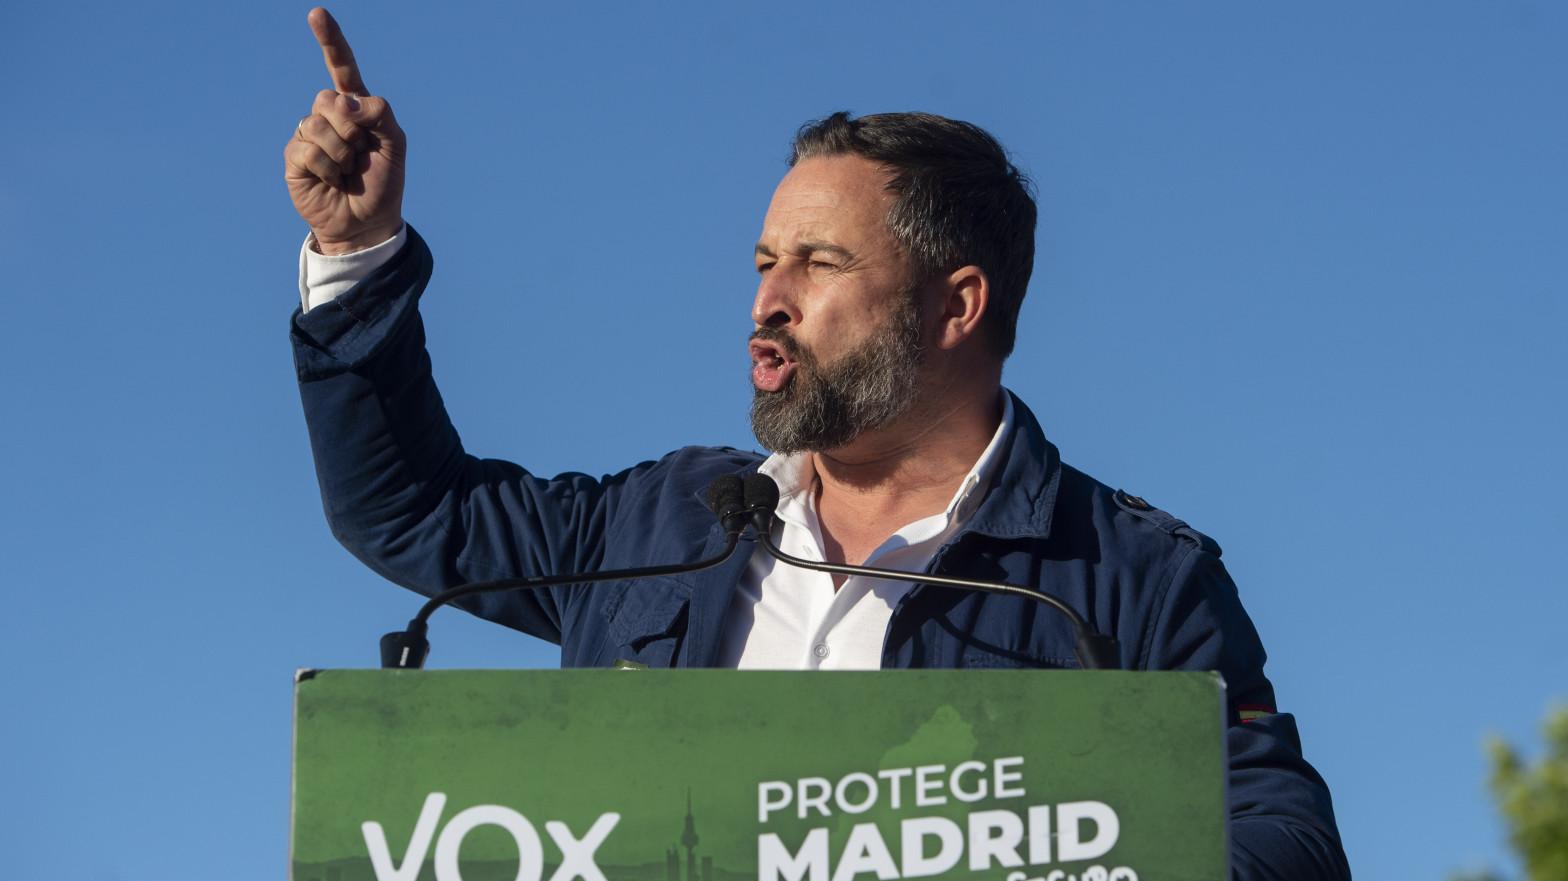 Vox celebra un mitin en zona confinada y defiende que es un derecho político